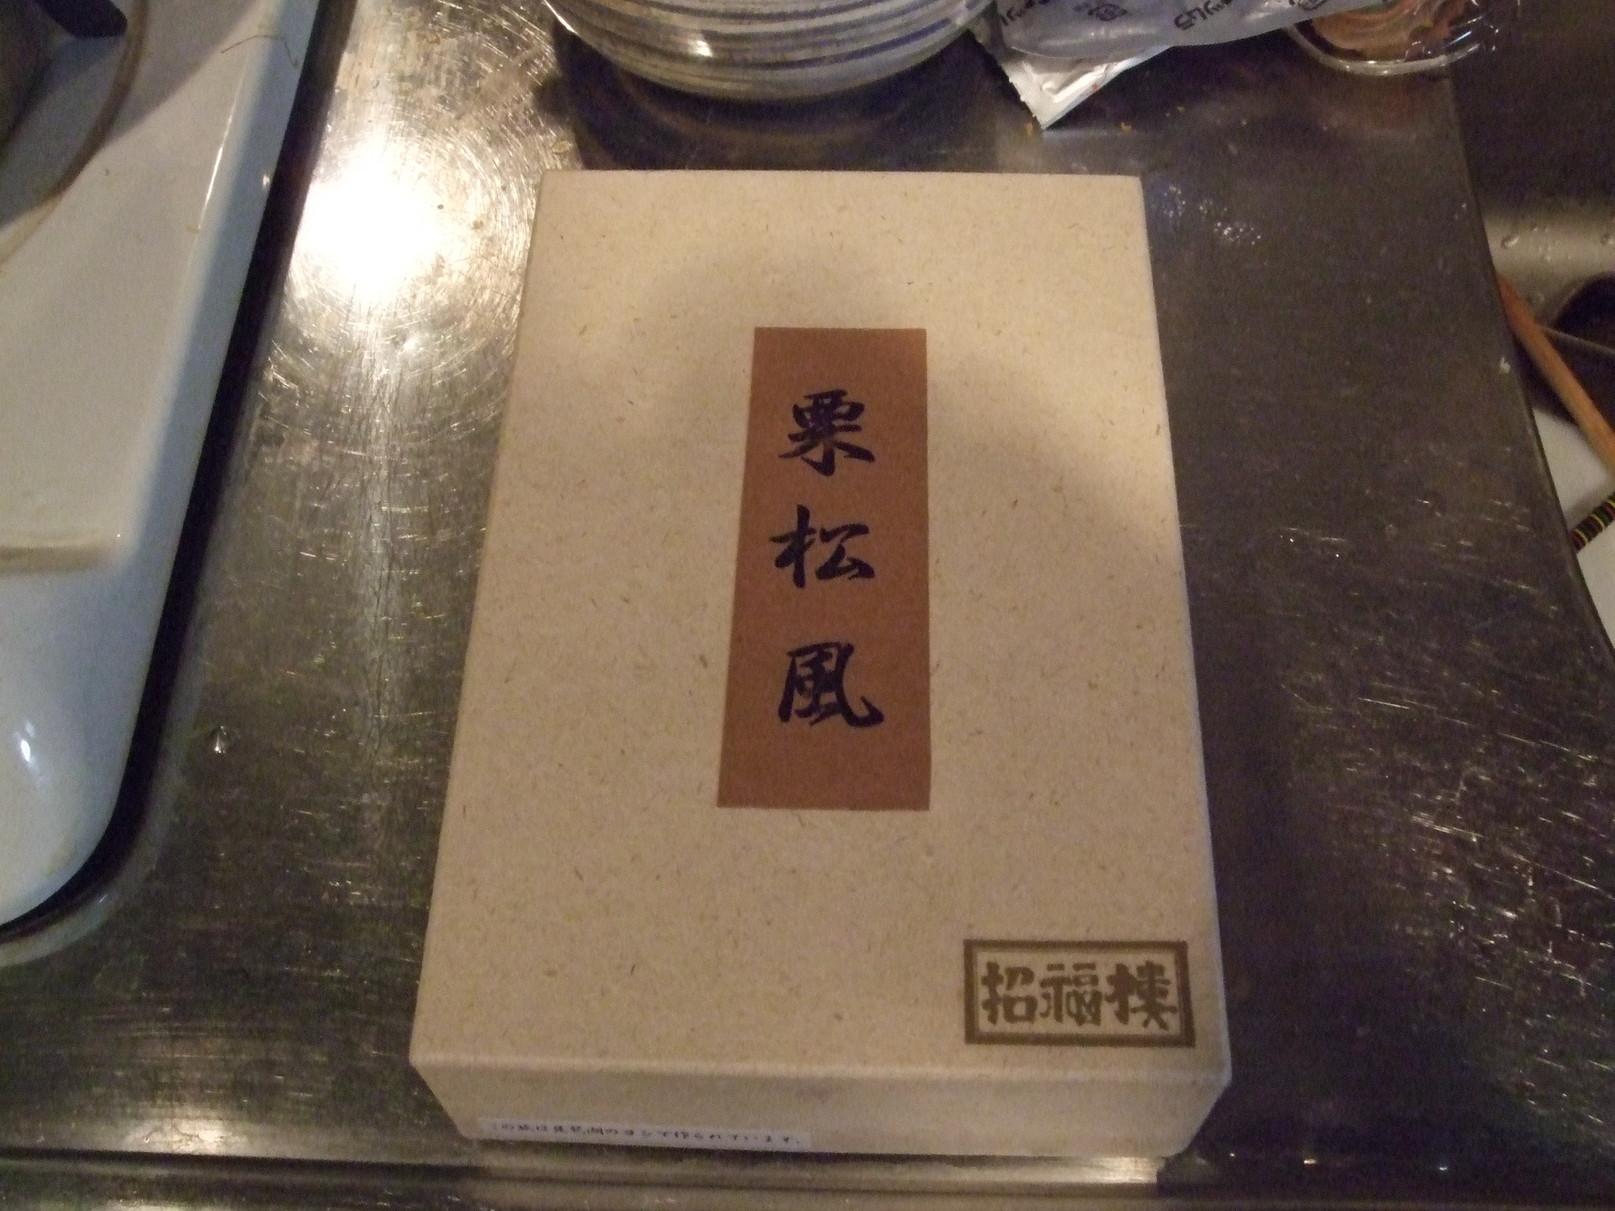 招福楼 伊勢丹店